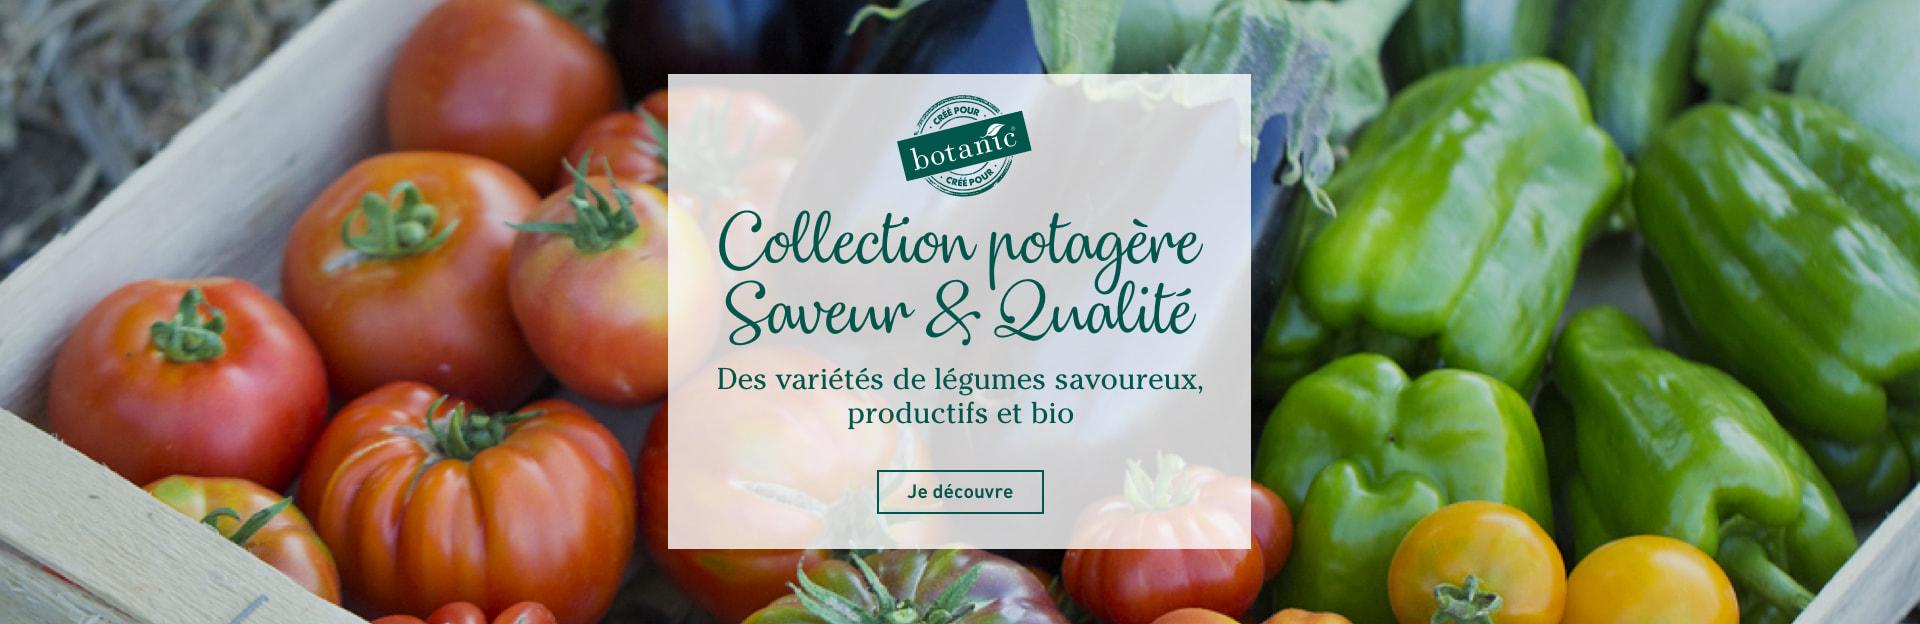 """Collection potagère """"Saveur & Qualité"""" botanic®"""